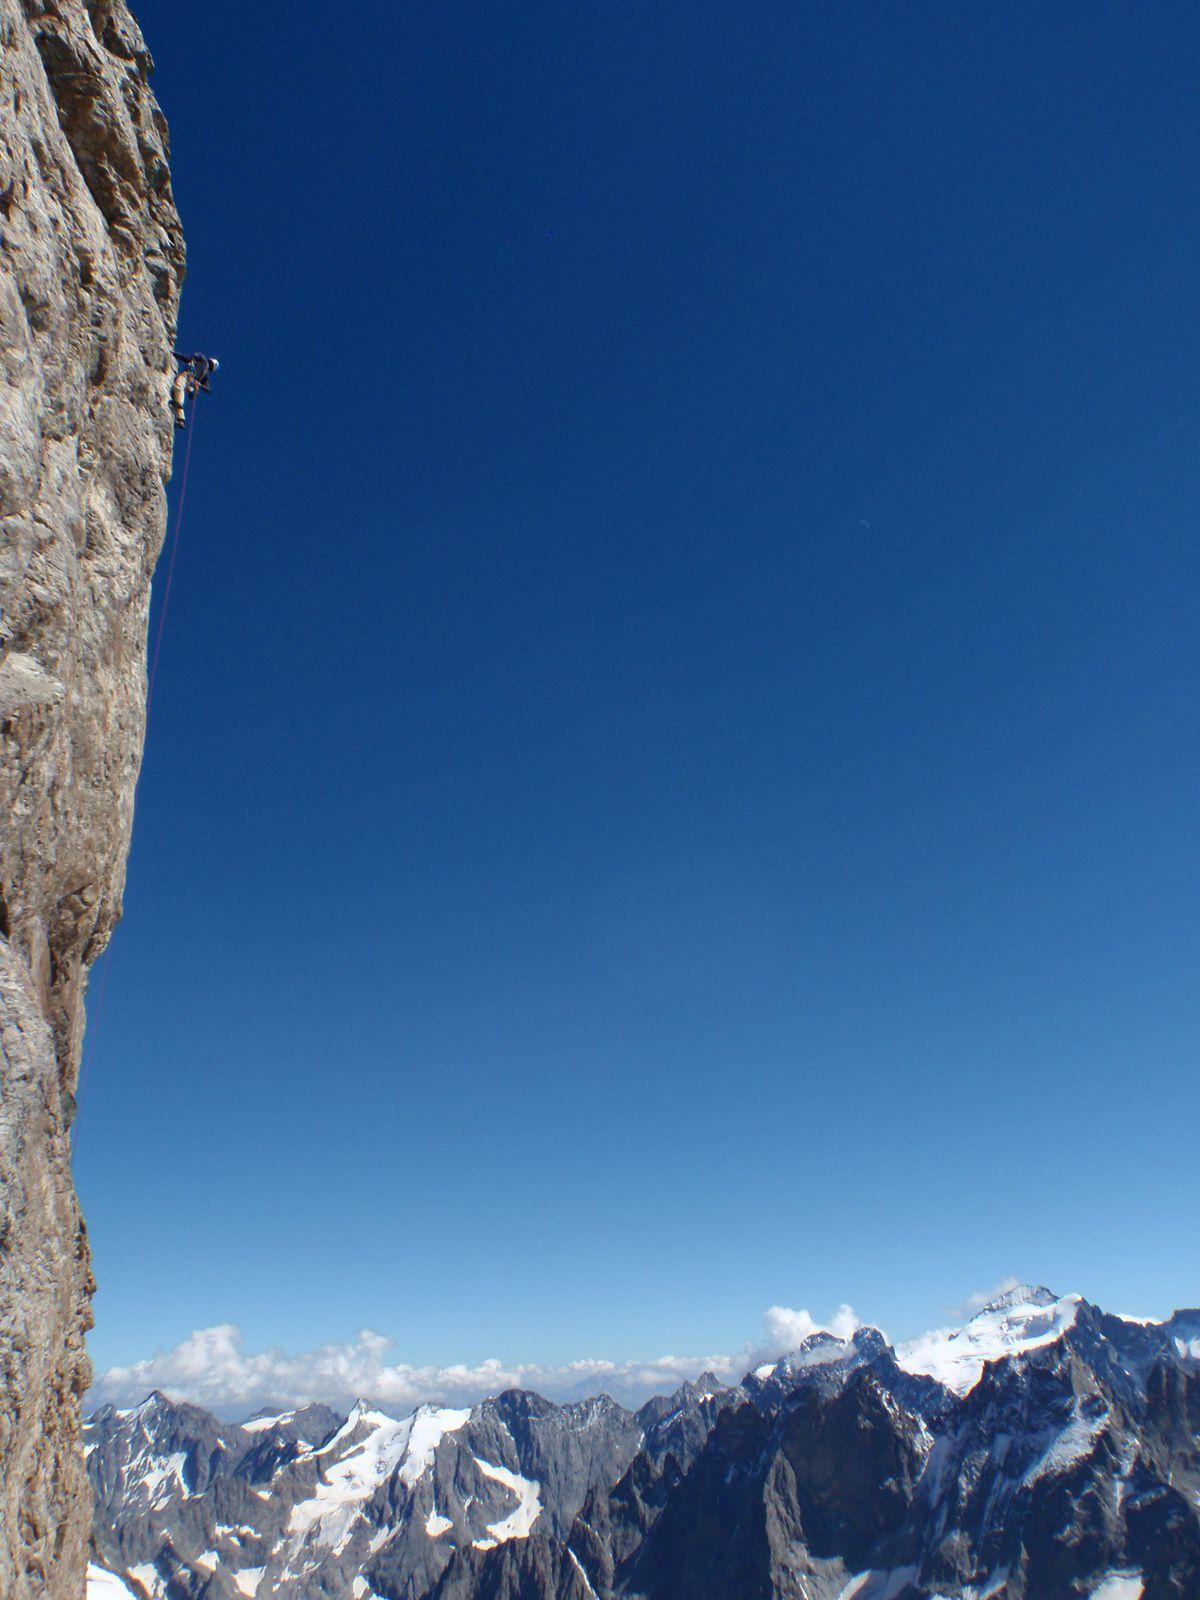 Le Dossier du Fauteuil, Grand Pic de la Meije 3983m.